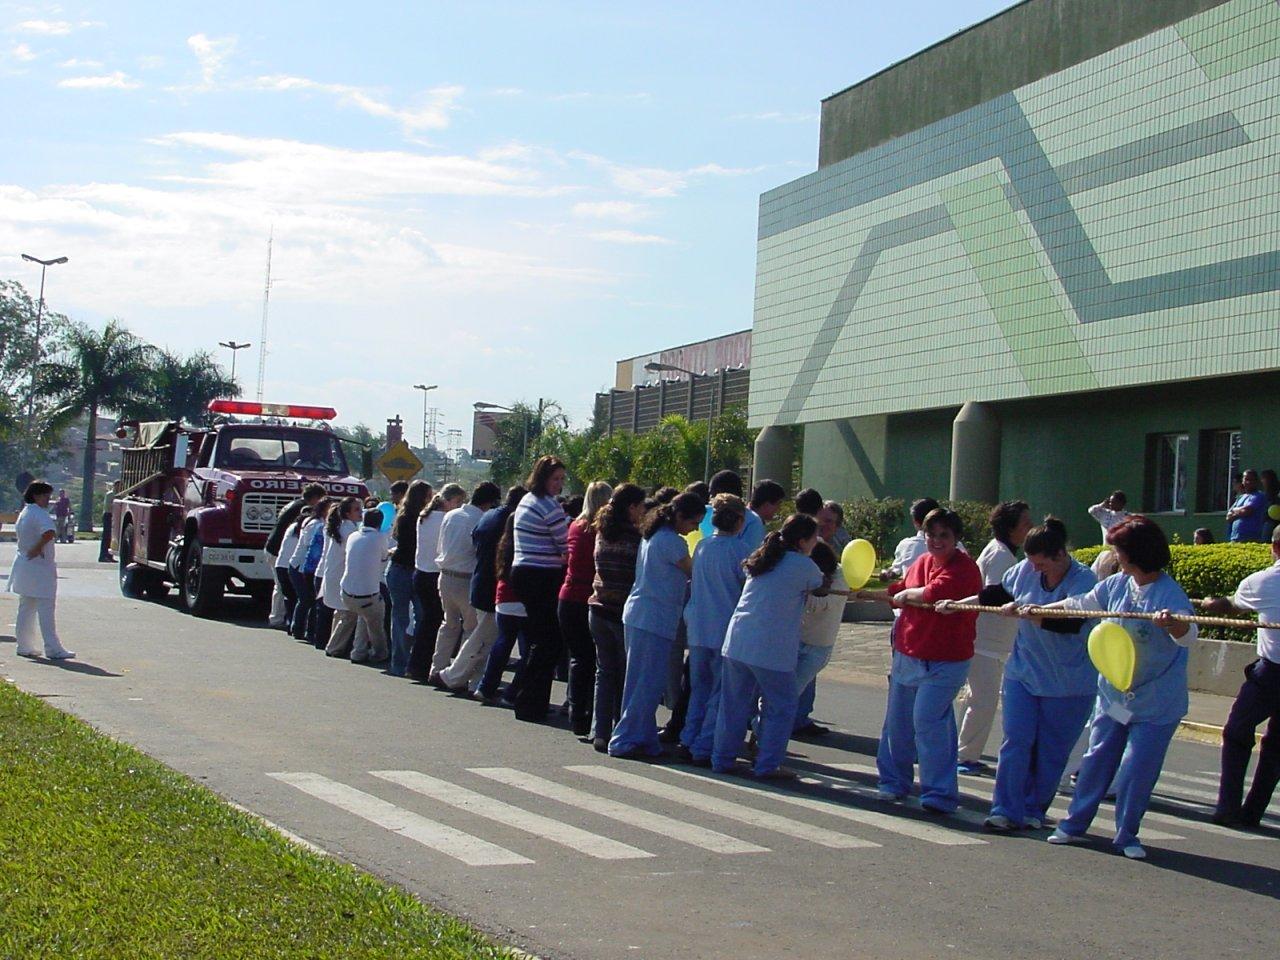 Atividade ocorreu em frente ao hospital Walter Ferrari